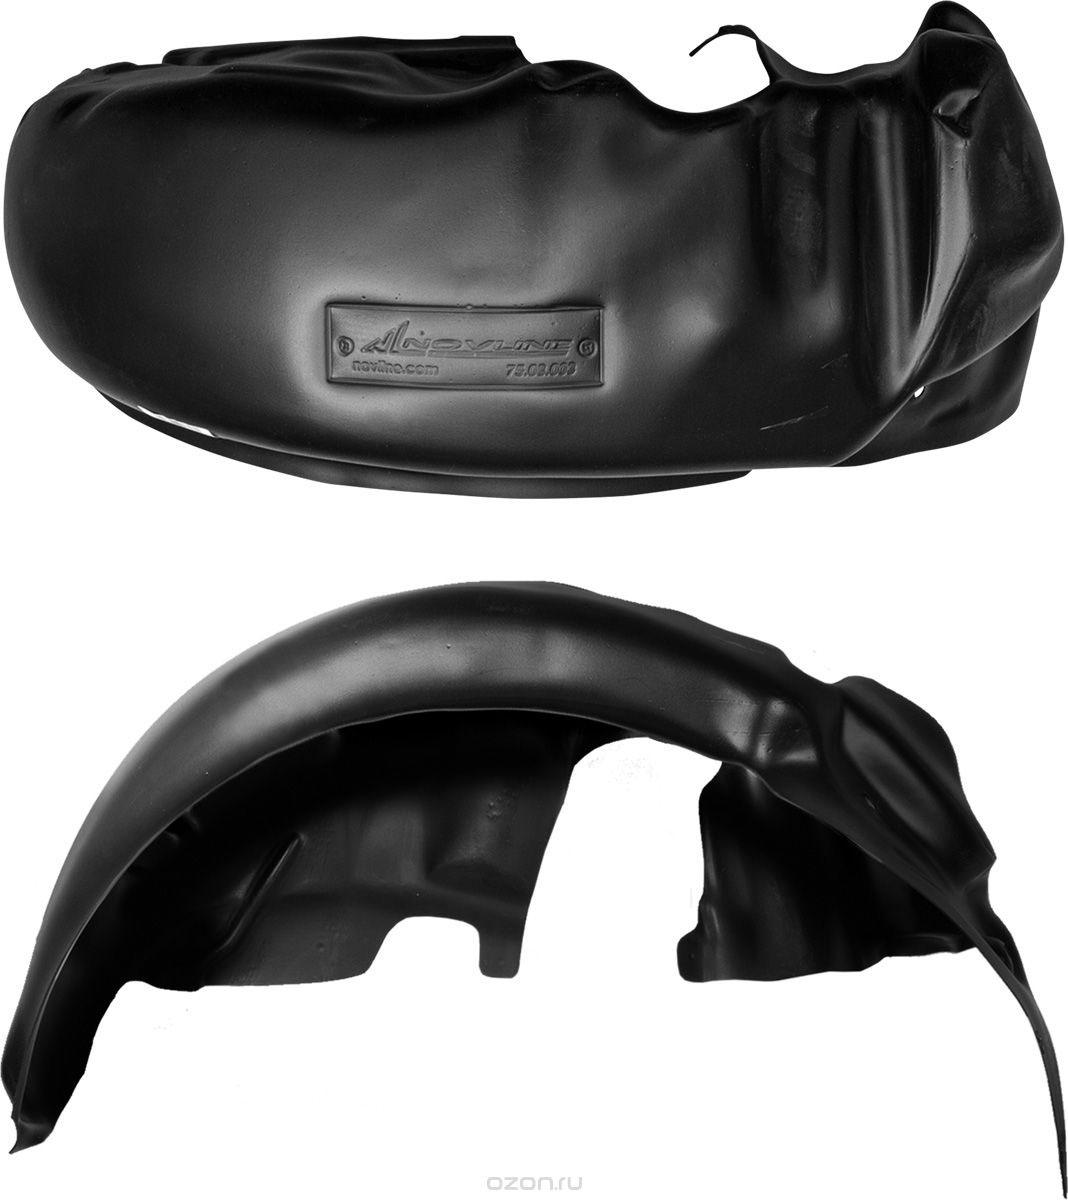 Подкрылок Novline-Autofamily, для Acura MDX, 2014->, задний правыйNLL.01.02.004Идеальная защита колесной ниши. Локеры разработаны с применением цифровых технологий, гарантируют максимальную повторяемость поверхности арки. Изделия устанавливаются без нарушения лакокрасочного покрытия автомобиля, каждый подкрылок комплектуется крепежом. Уважаемые клиенты, обращаем ваше внимание, что фотографии на подкрылки универсальные и не отражают реальную форму изделия. При этом само изделие идет точно под размер указанного автомобиля.